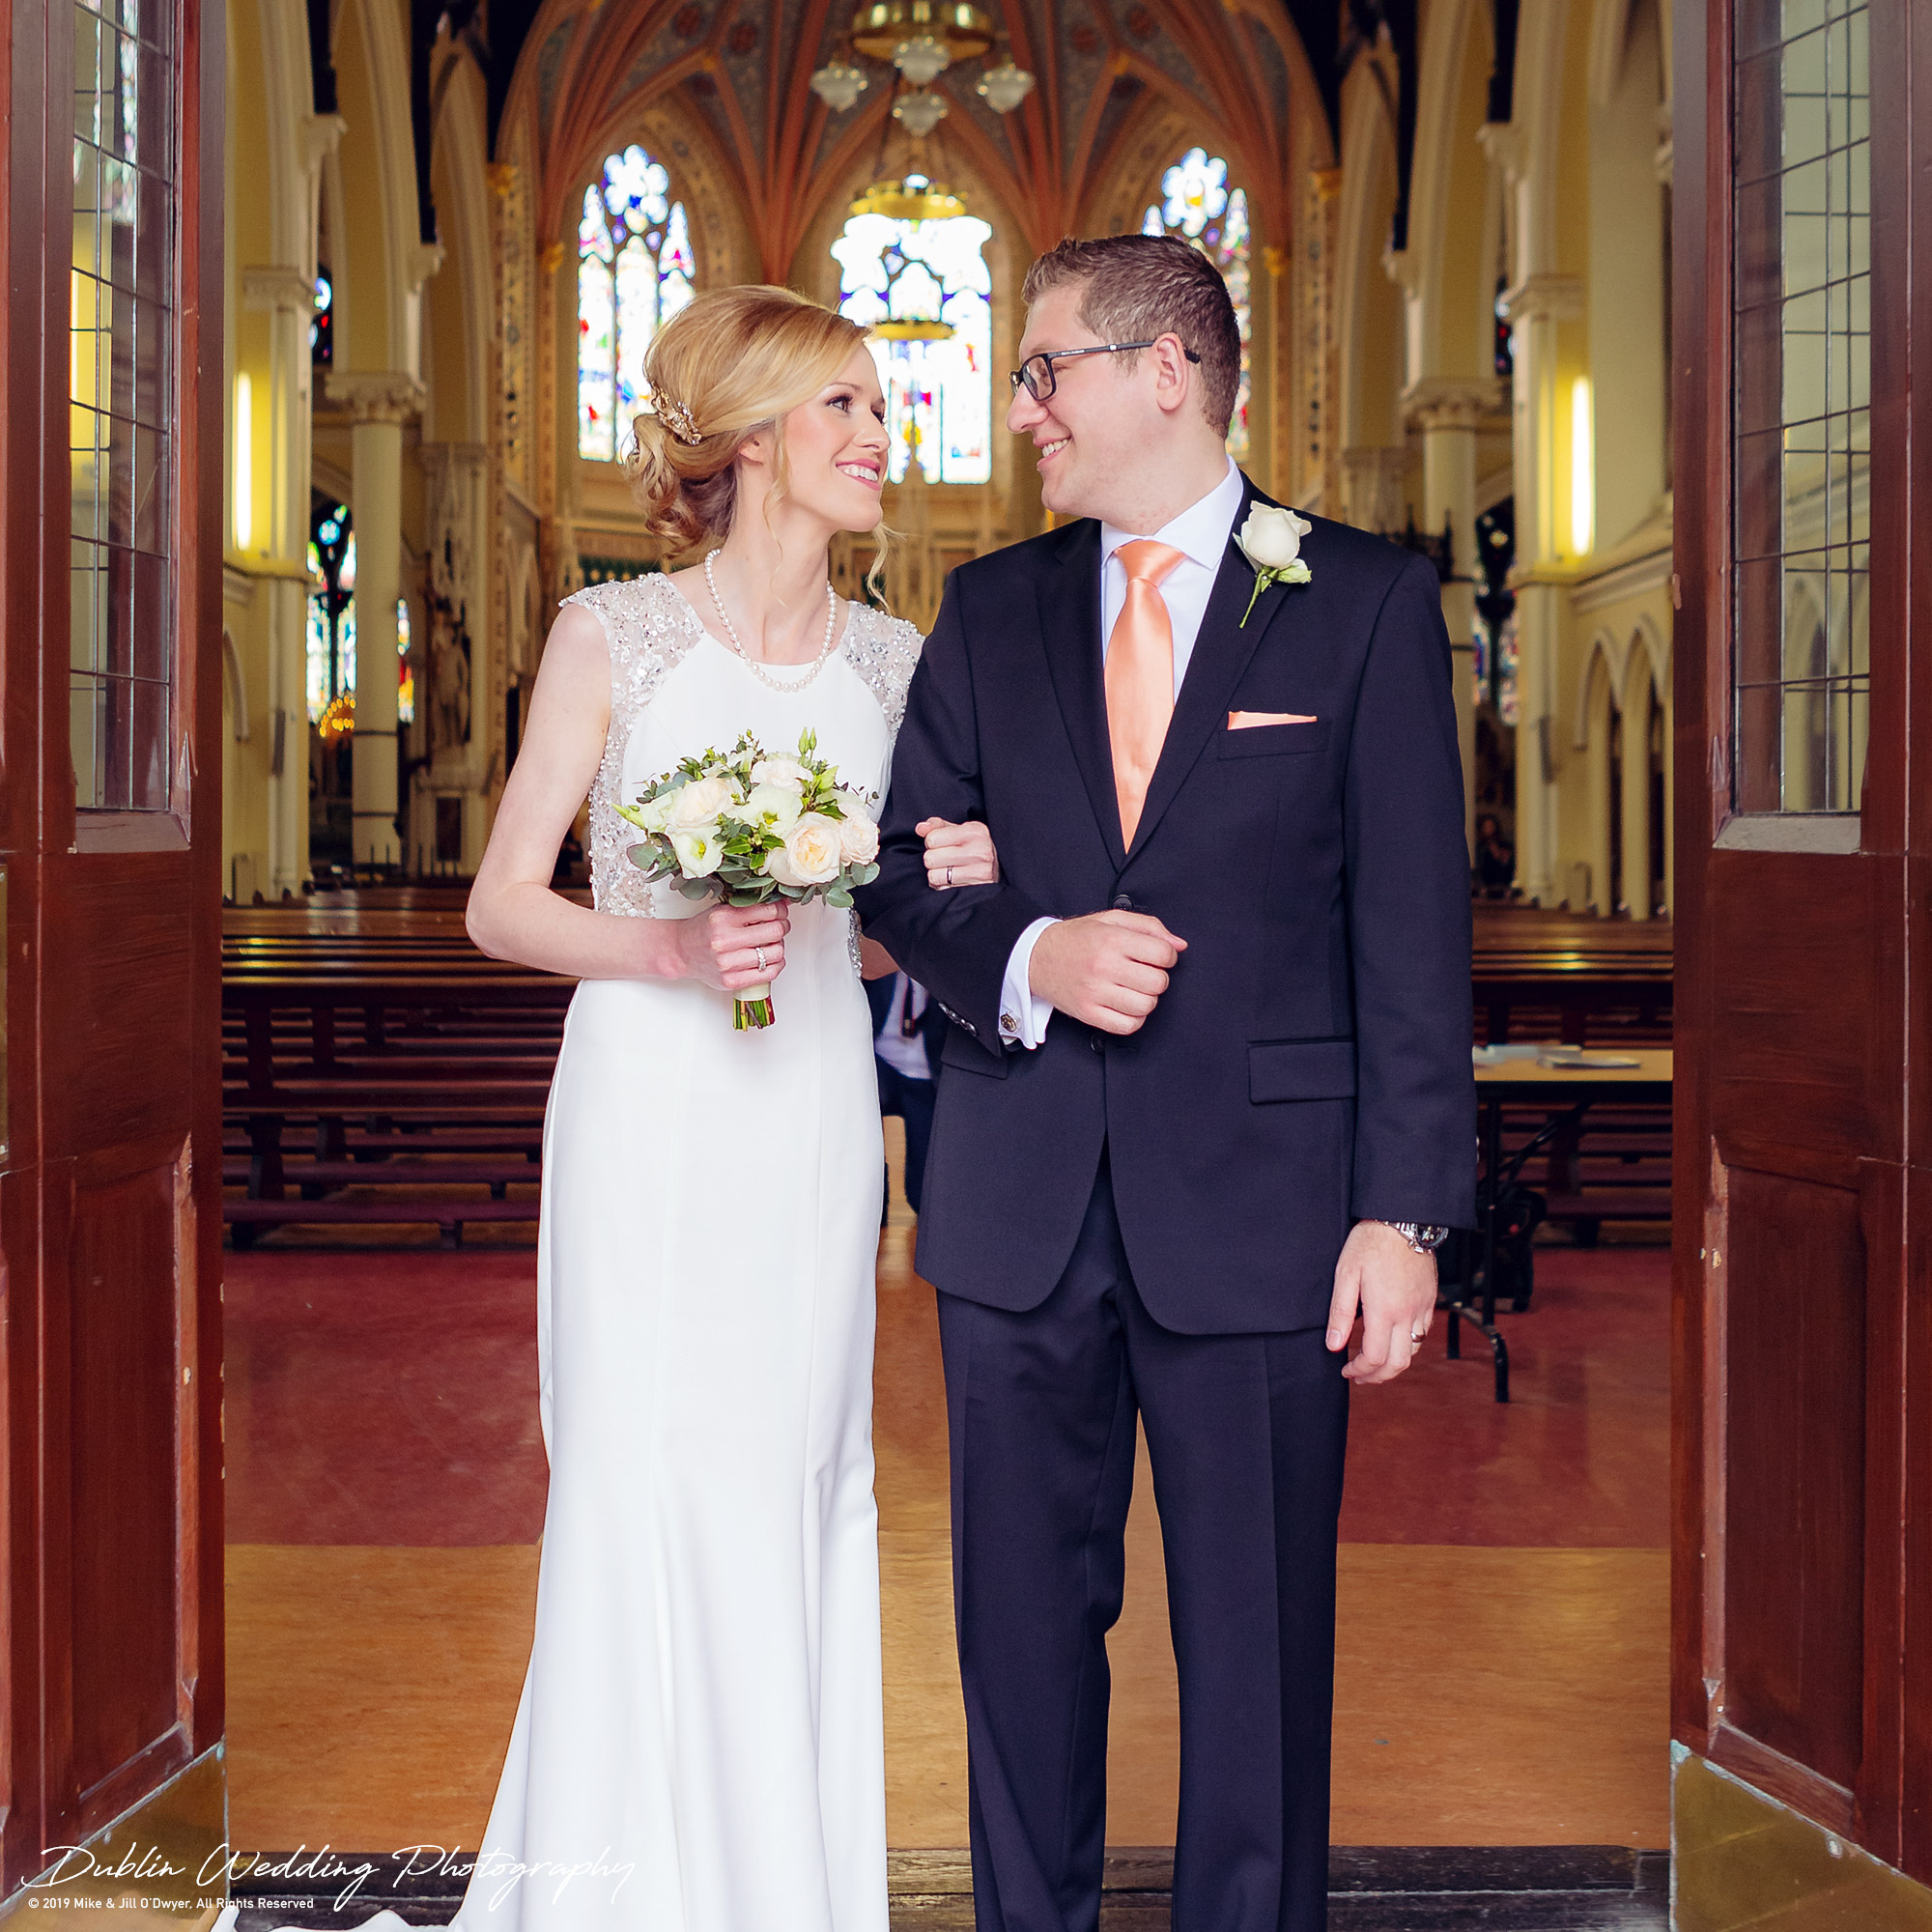 wedding-photographers-dublin-luttrellstown-castle-2016-15.jpg